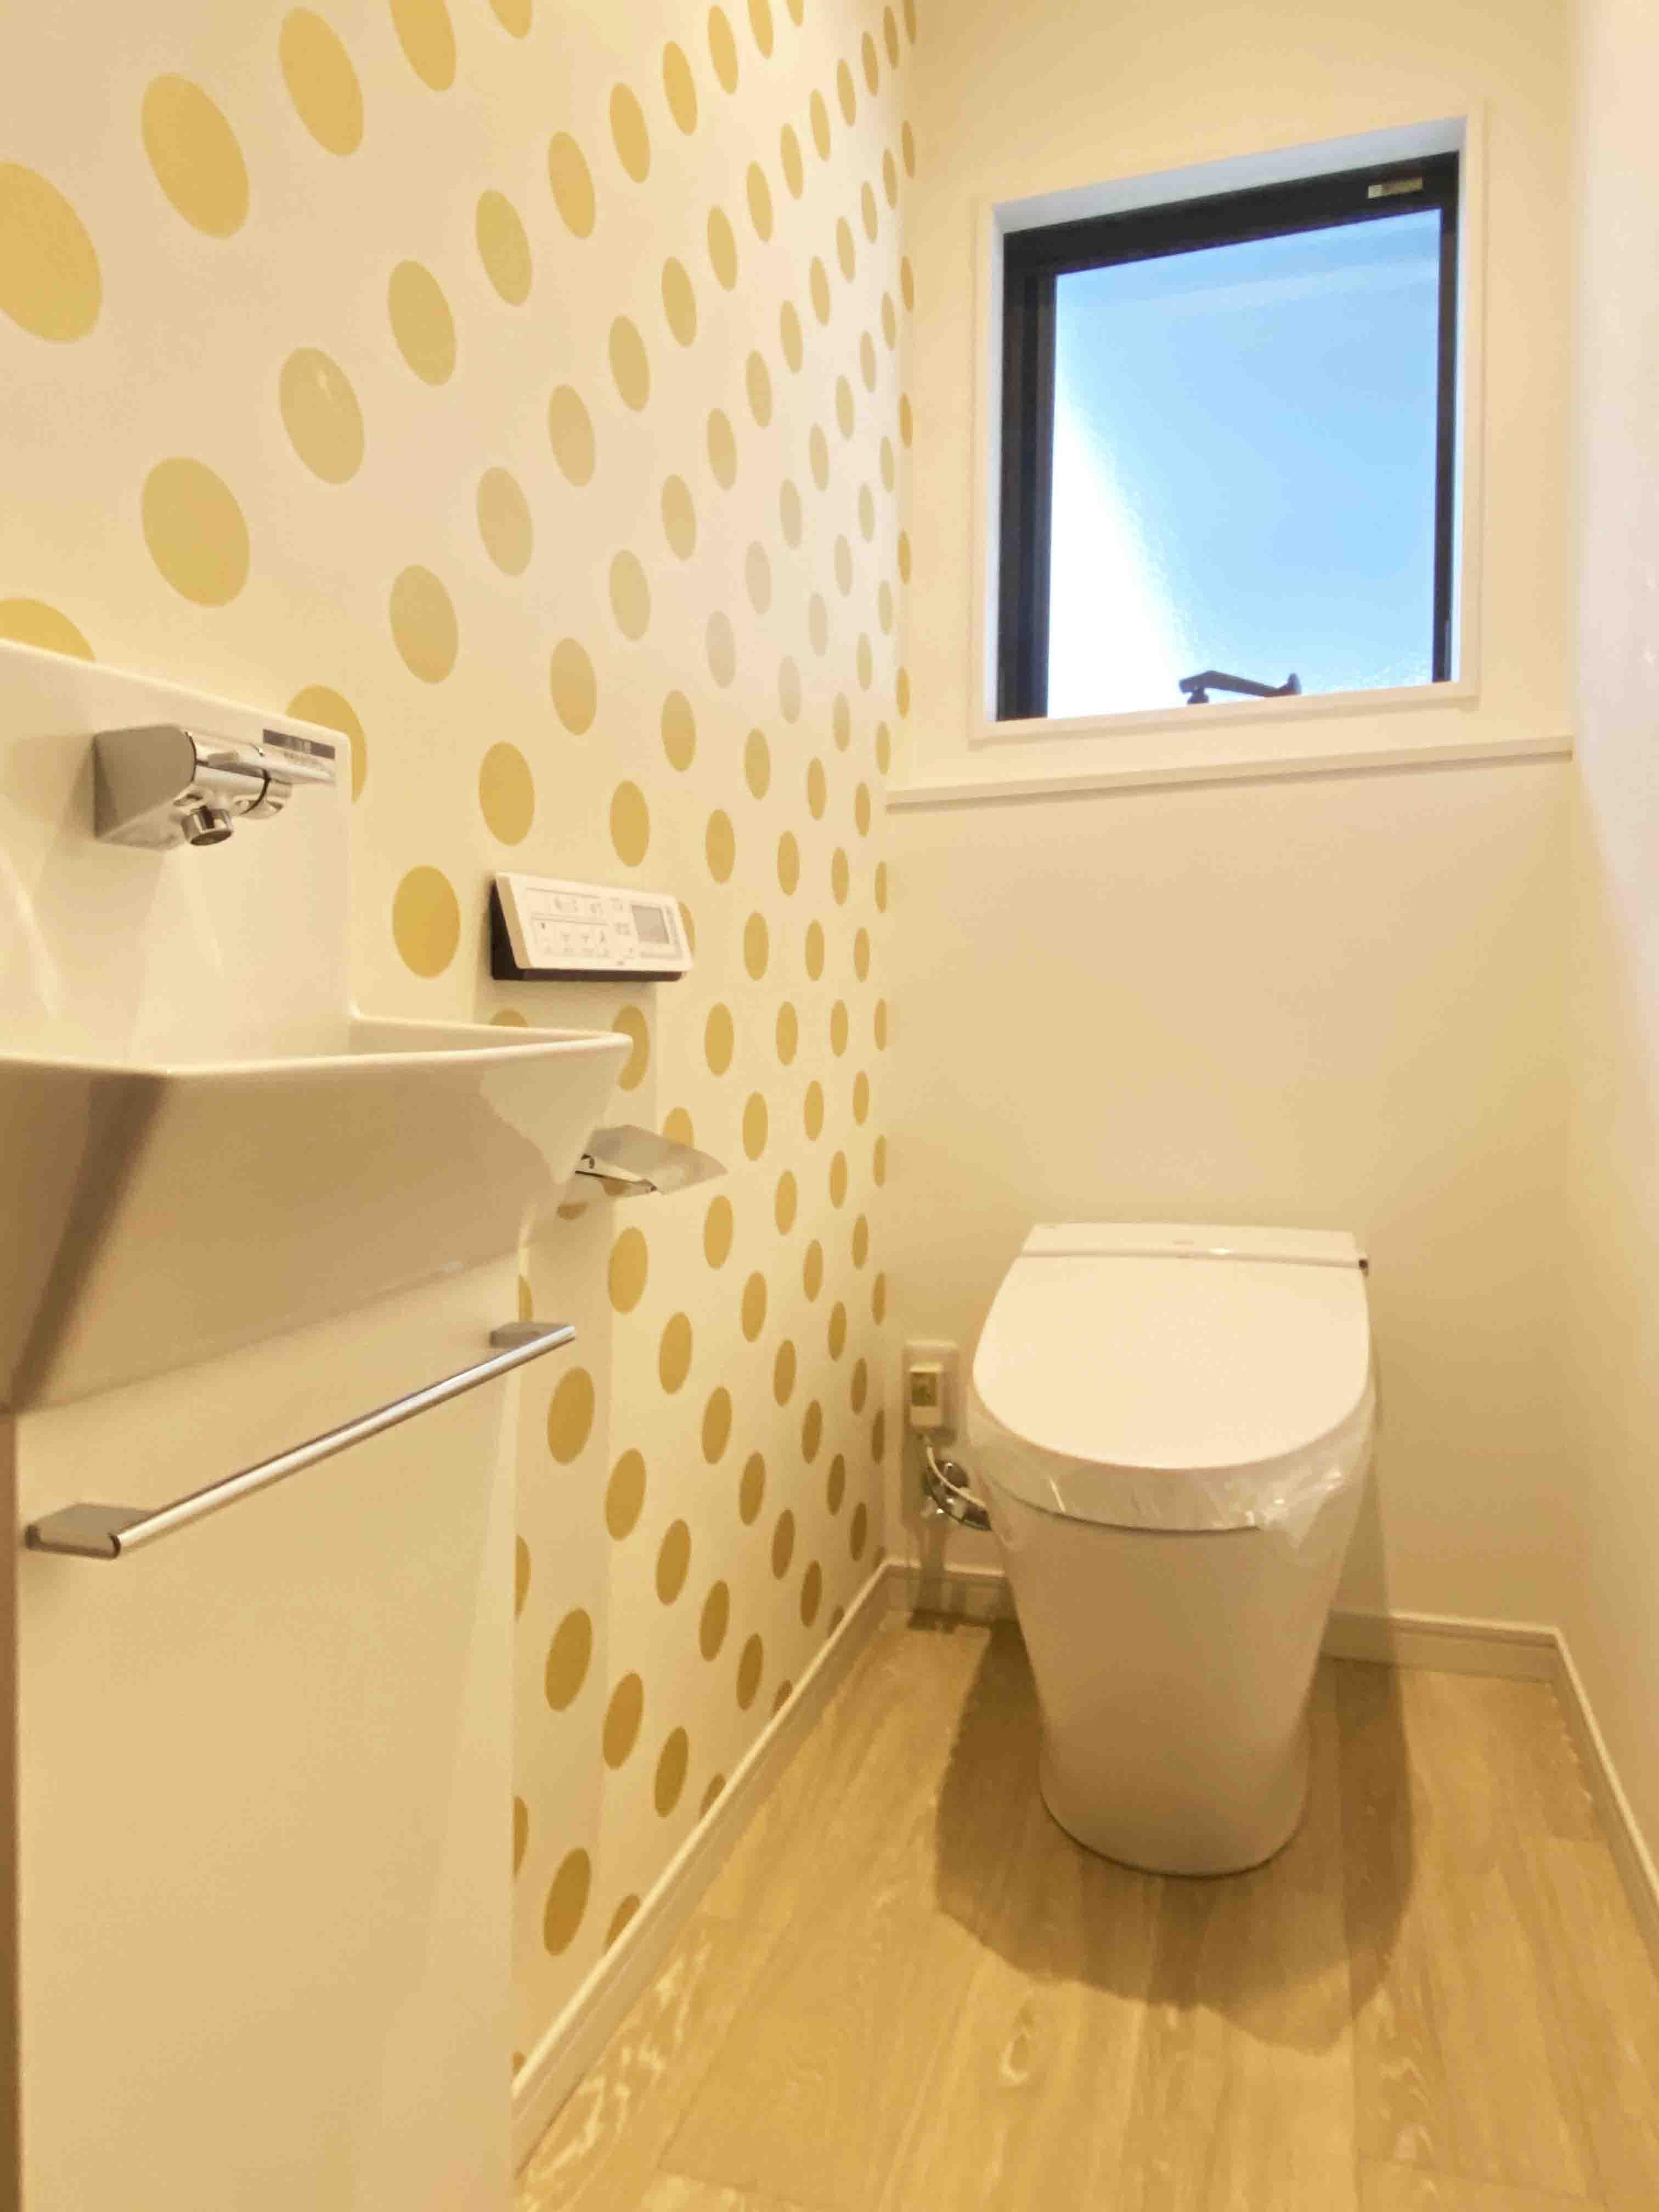 株式会社アンドクリエイト「うちカフェが楽しくなる家」のシンプル・ナチュラルなトイレの実例写真